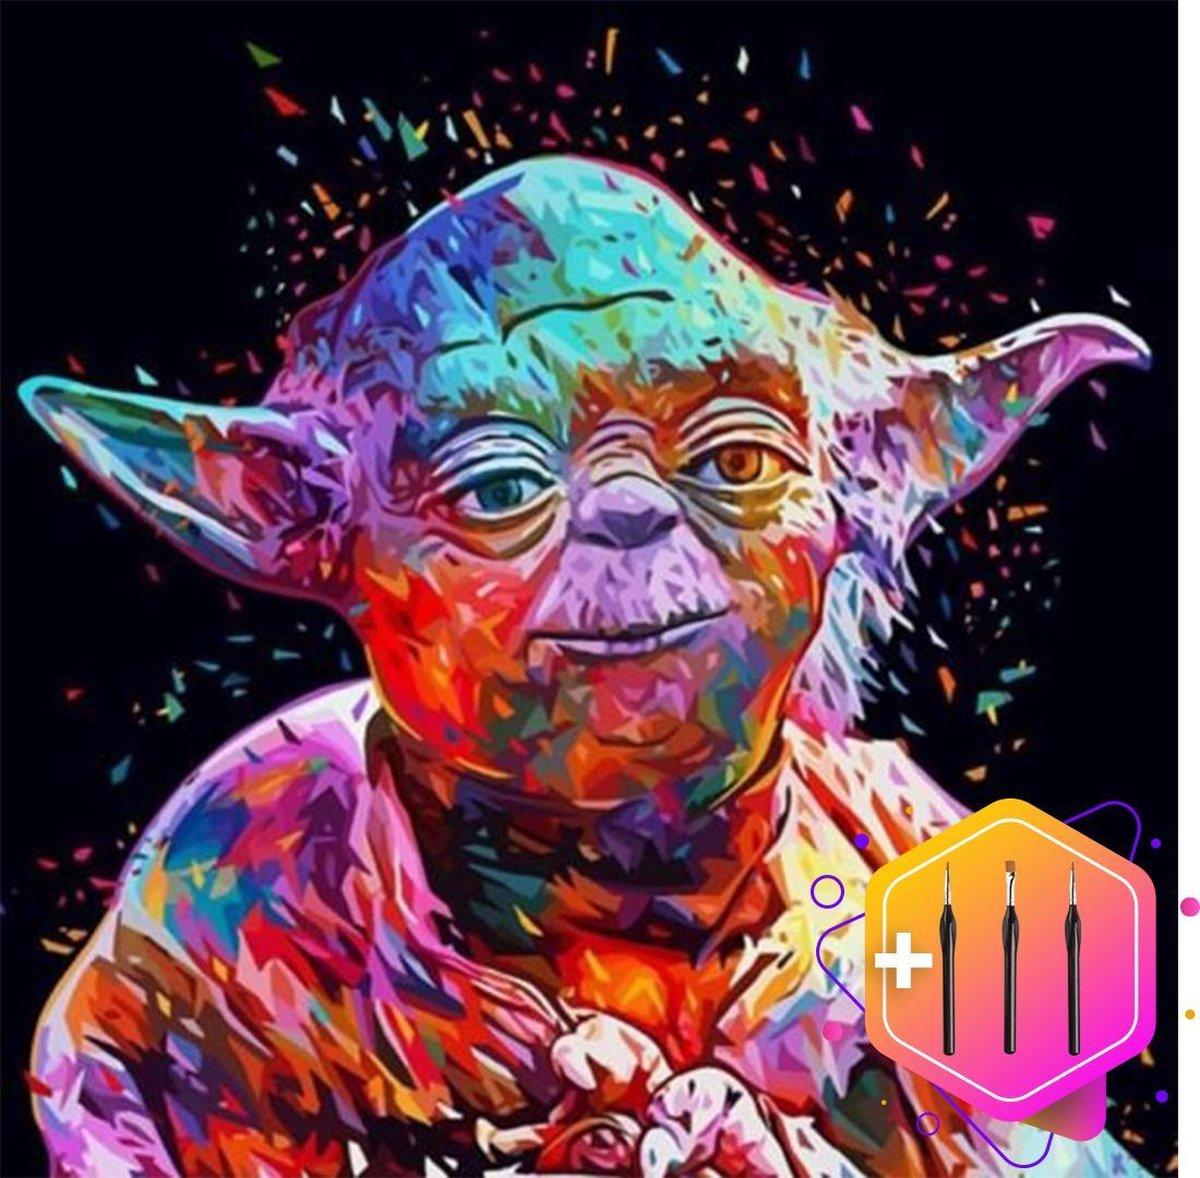 Pcasso ® Star wars Yoda - Schilderen Op Nummer - Incl. 6 Ergonomische Penselen En Geschenkverpakking - Schilderen Op Nummer Dieren - Schilderen Op Nummer Volwassenen - Canvas Schilderdoek - Kleuren Op Nummer - Paint By Number - 40x50 cm